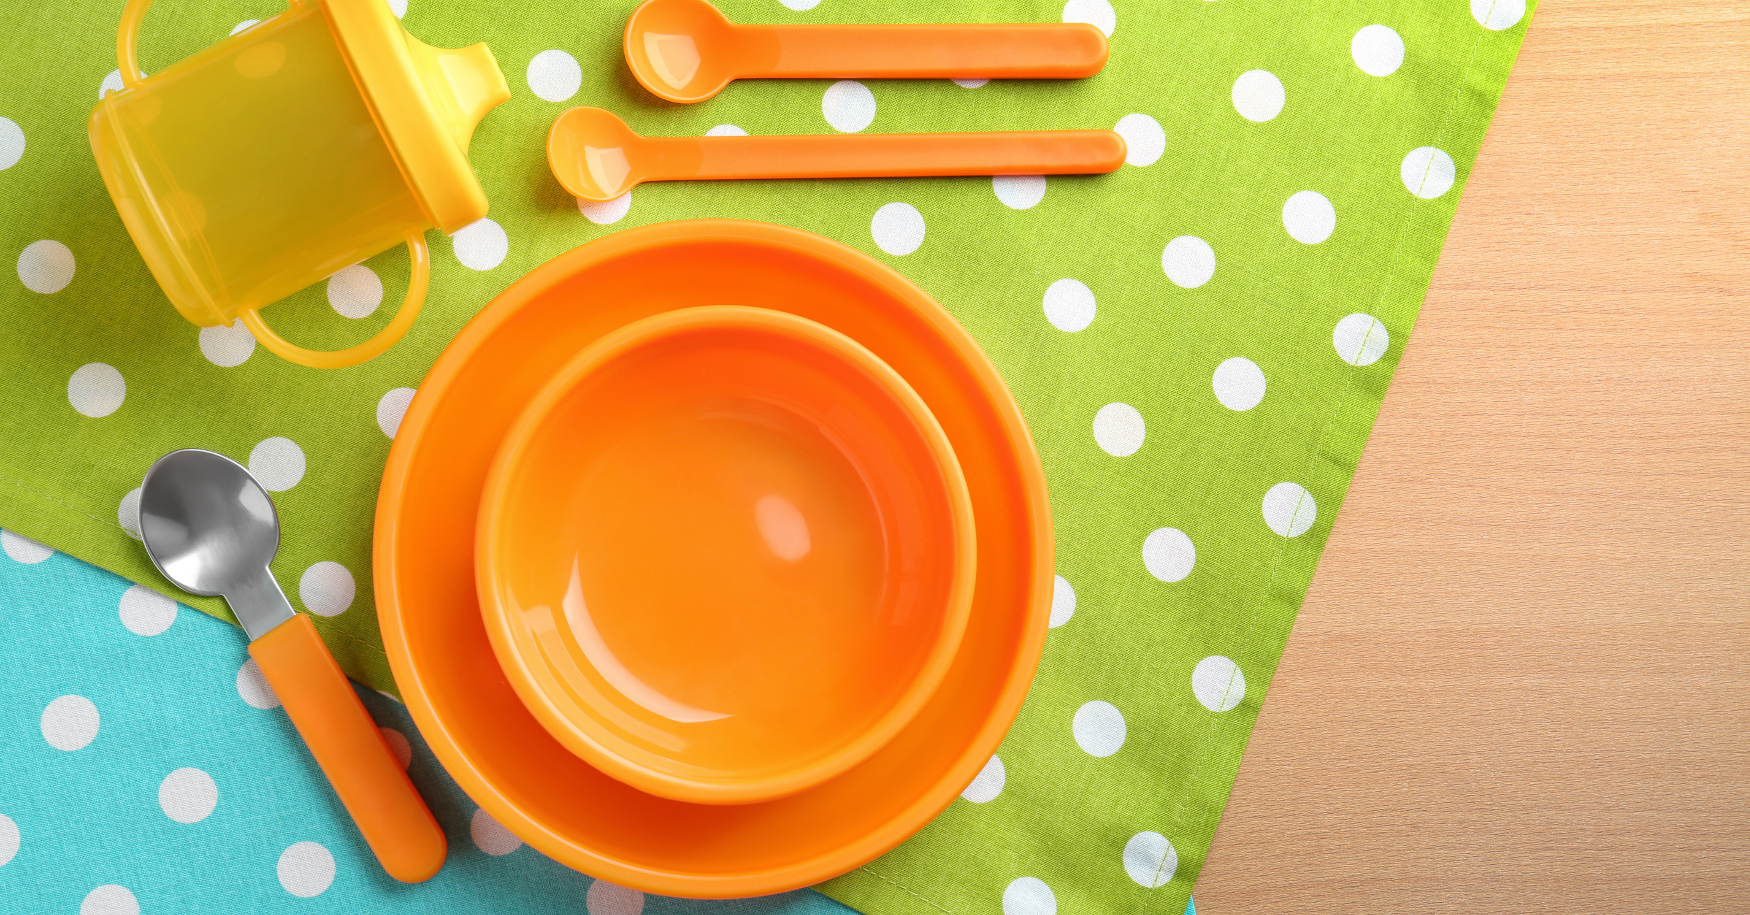 Kindergeschirr beziehungsweise Babygeschirr steht am Tisch